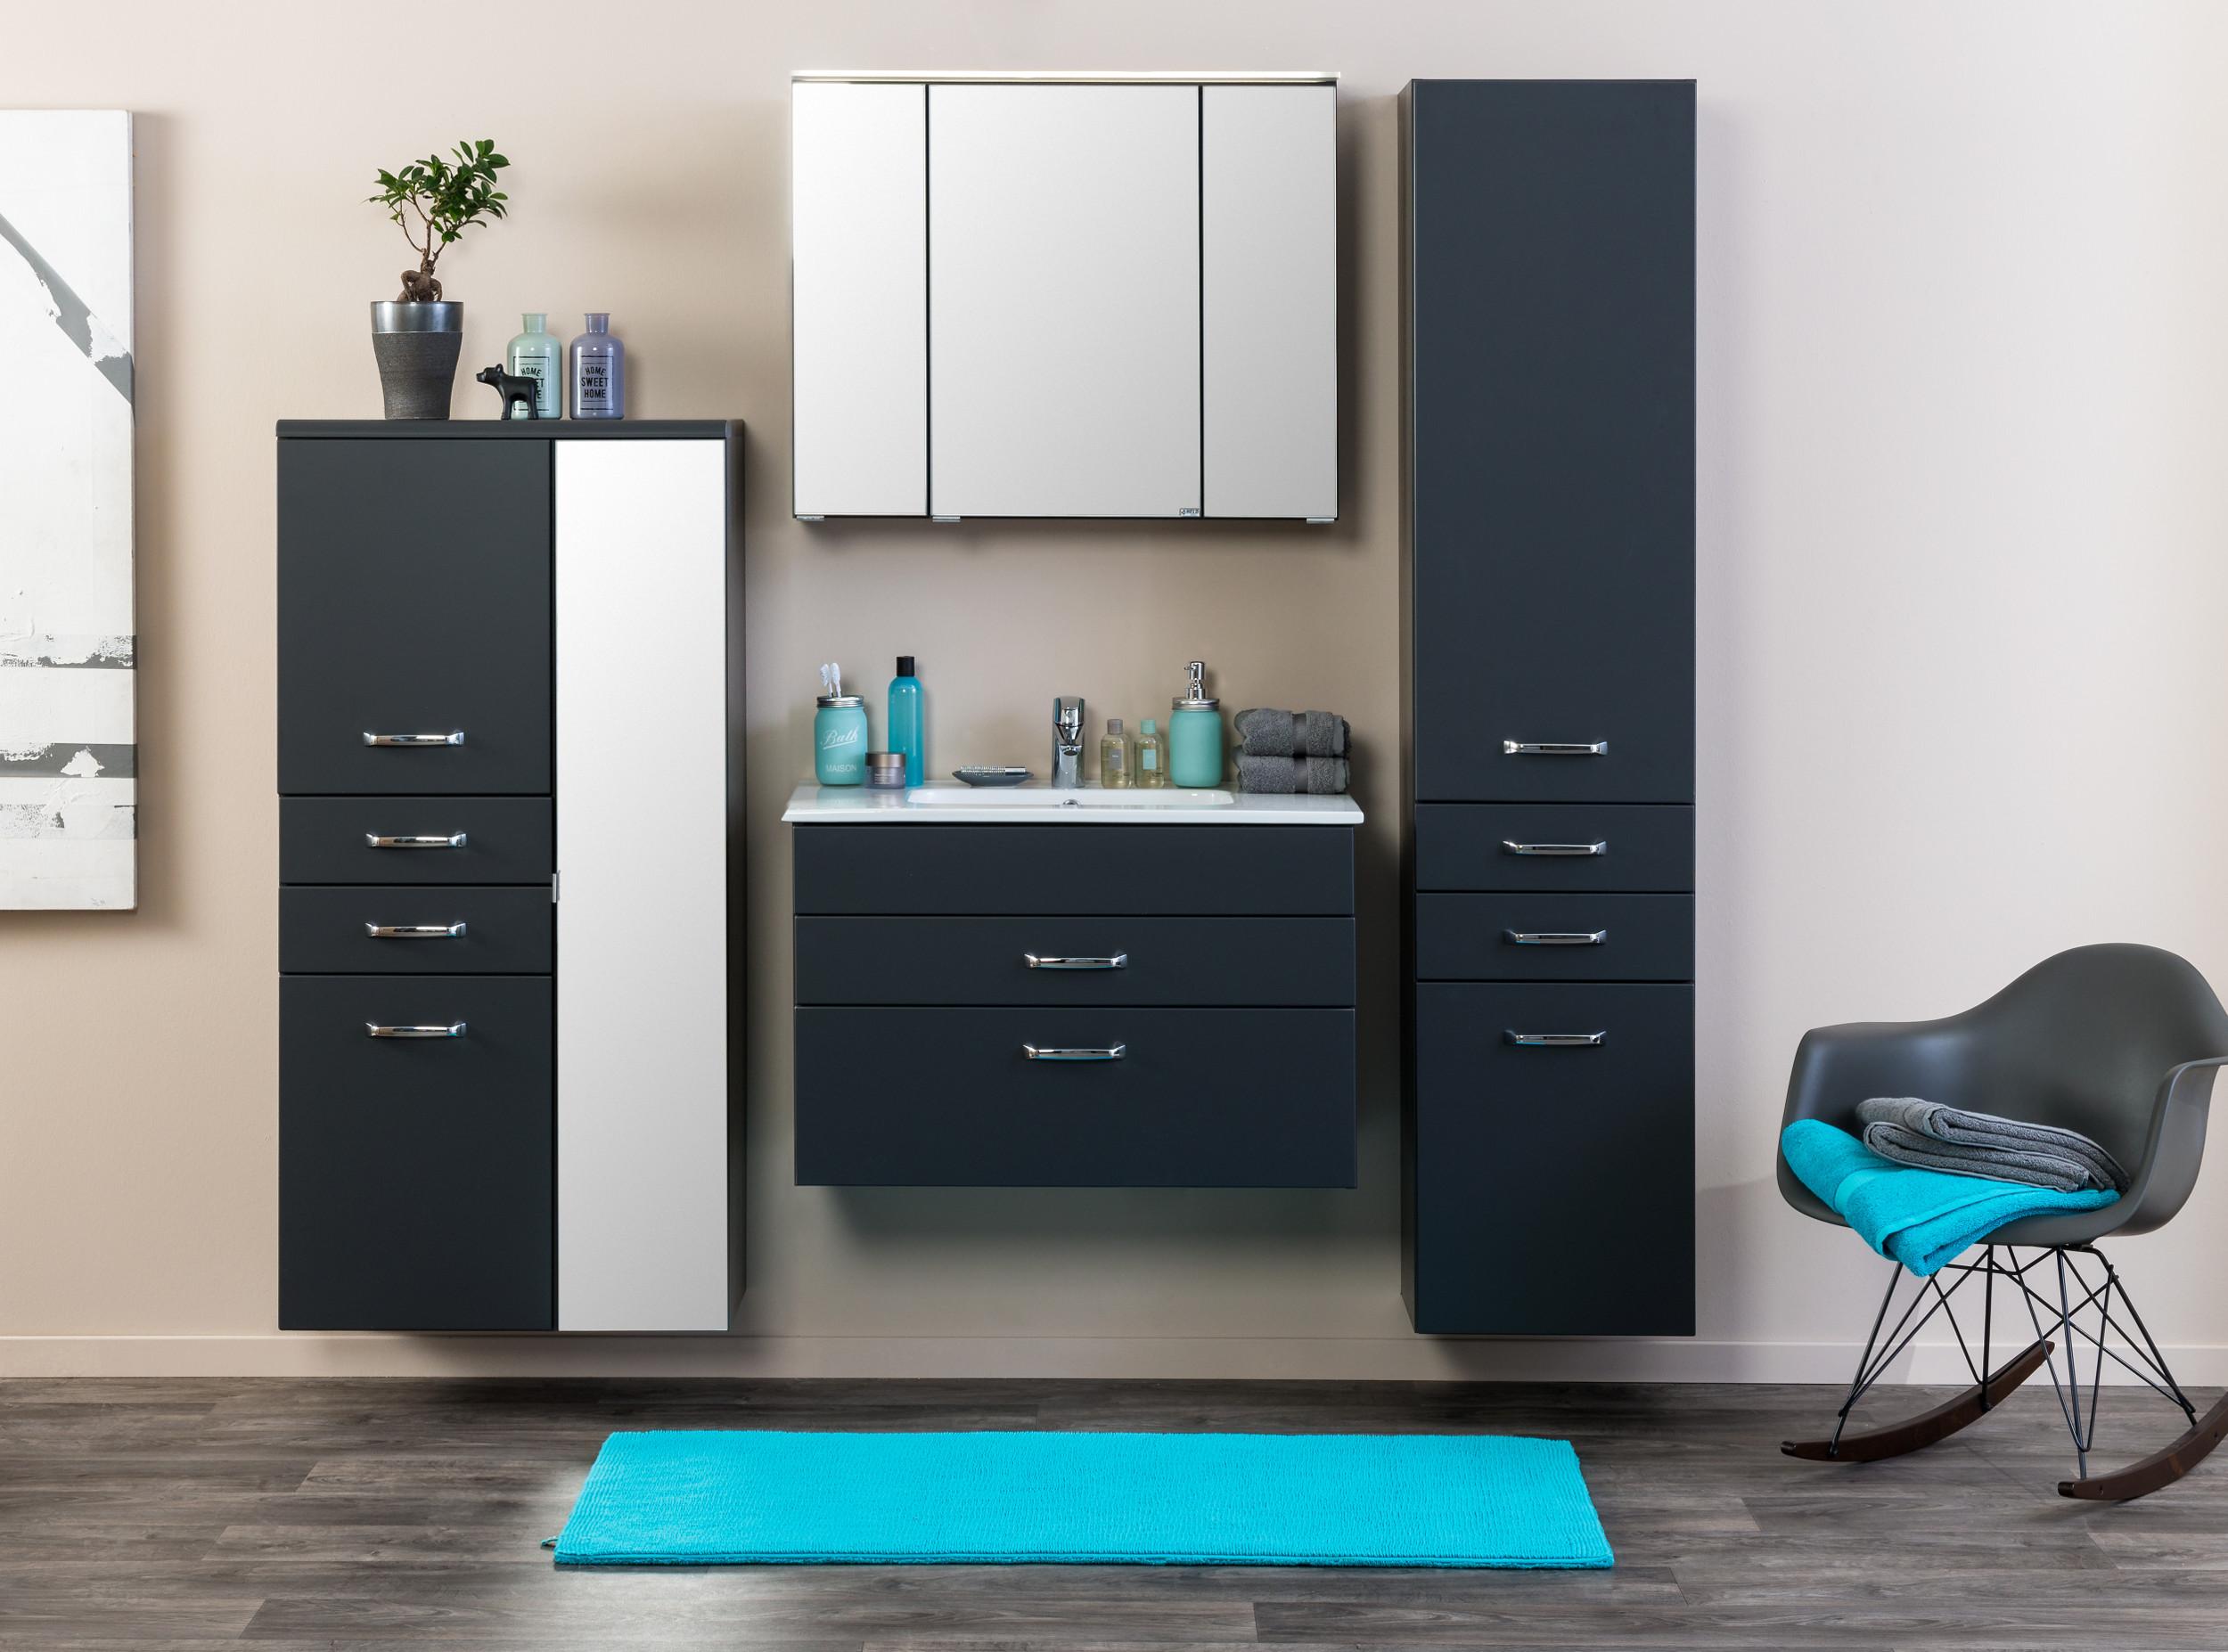 bad waschtisch fontana mit keramikbecken 80 cm breit anthrazit bad waschtische. Black Bedroom Furniture Sets. Home Design Ideas